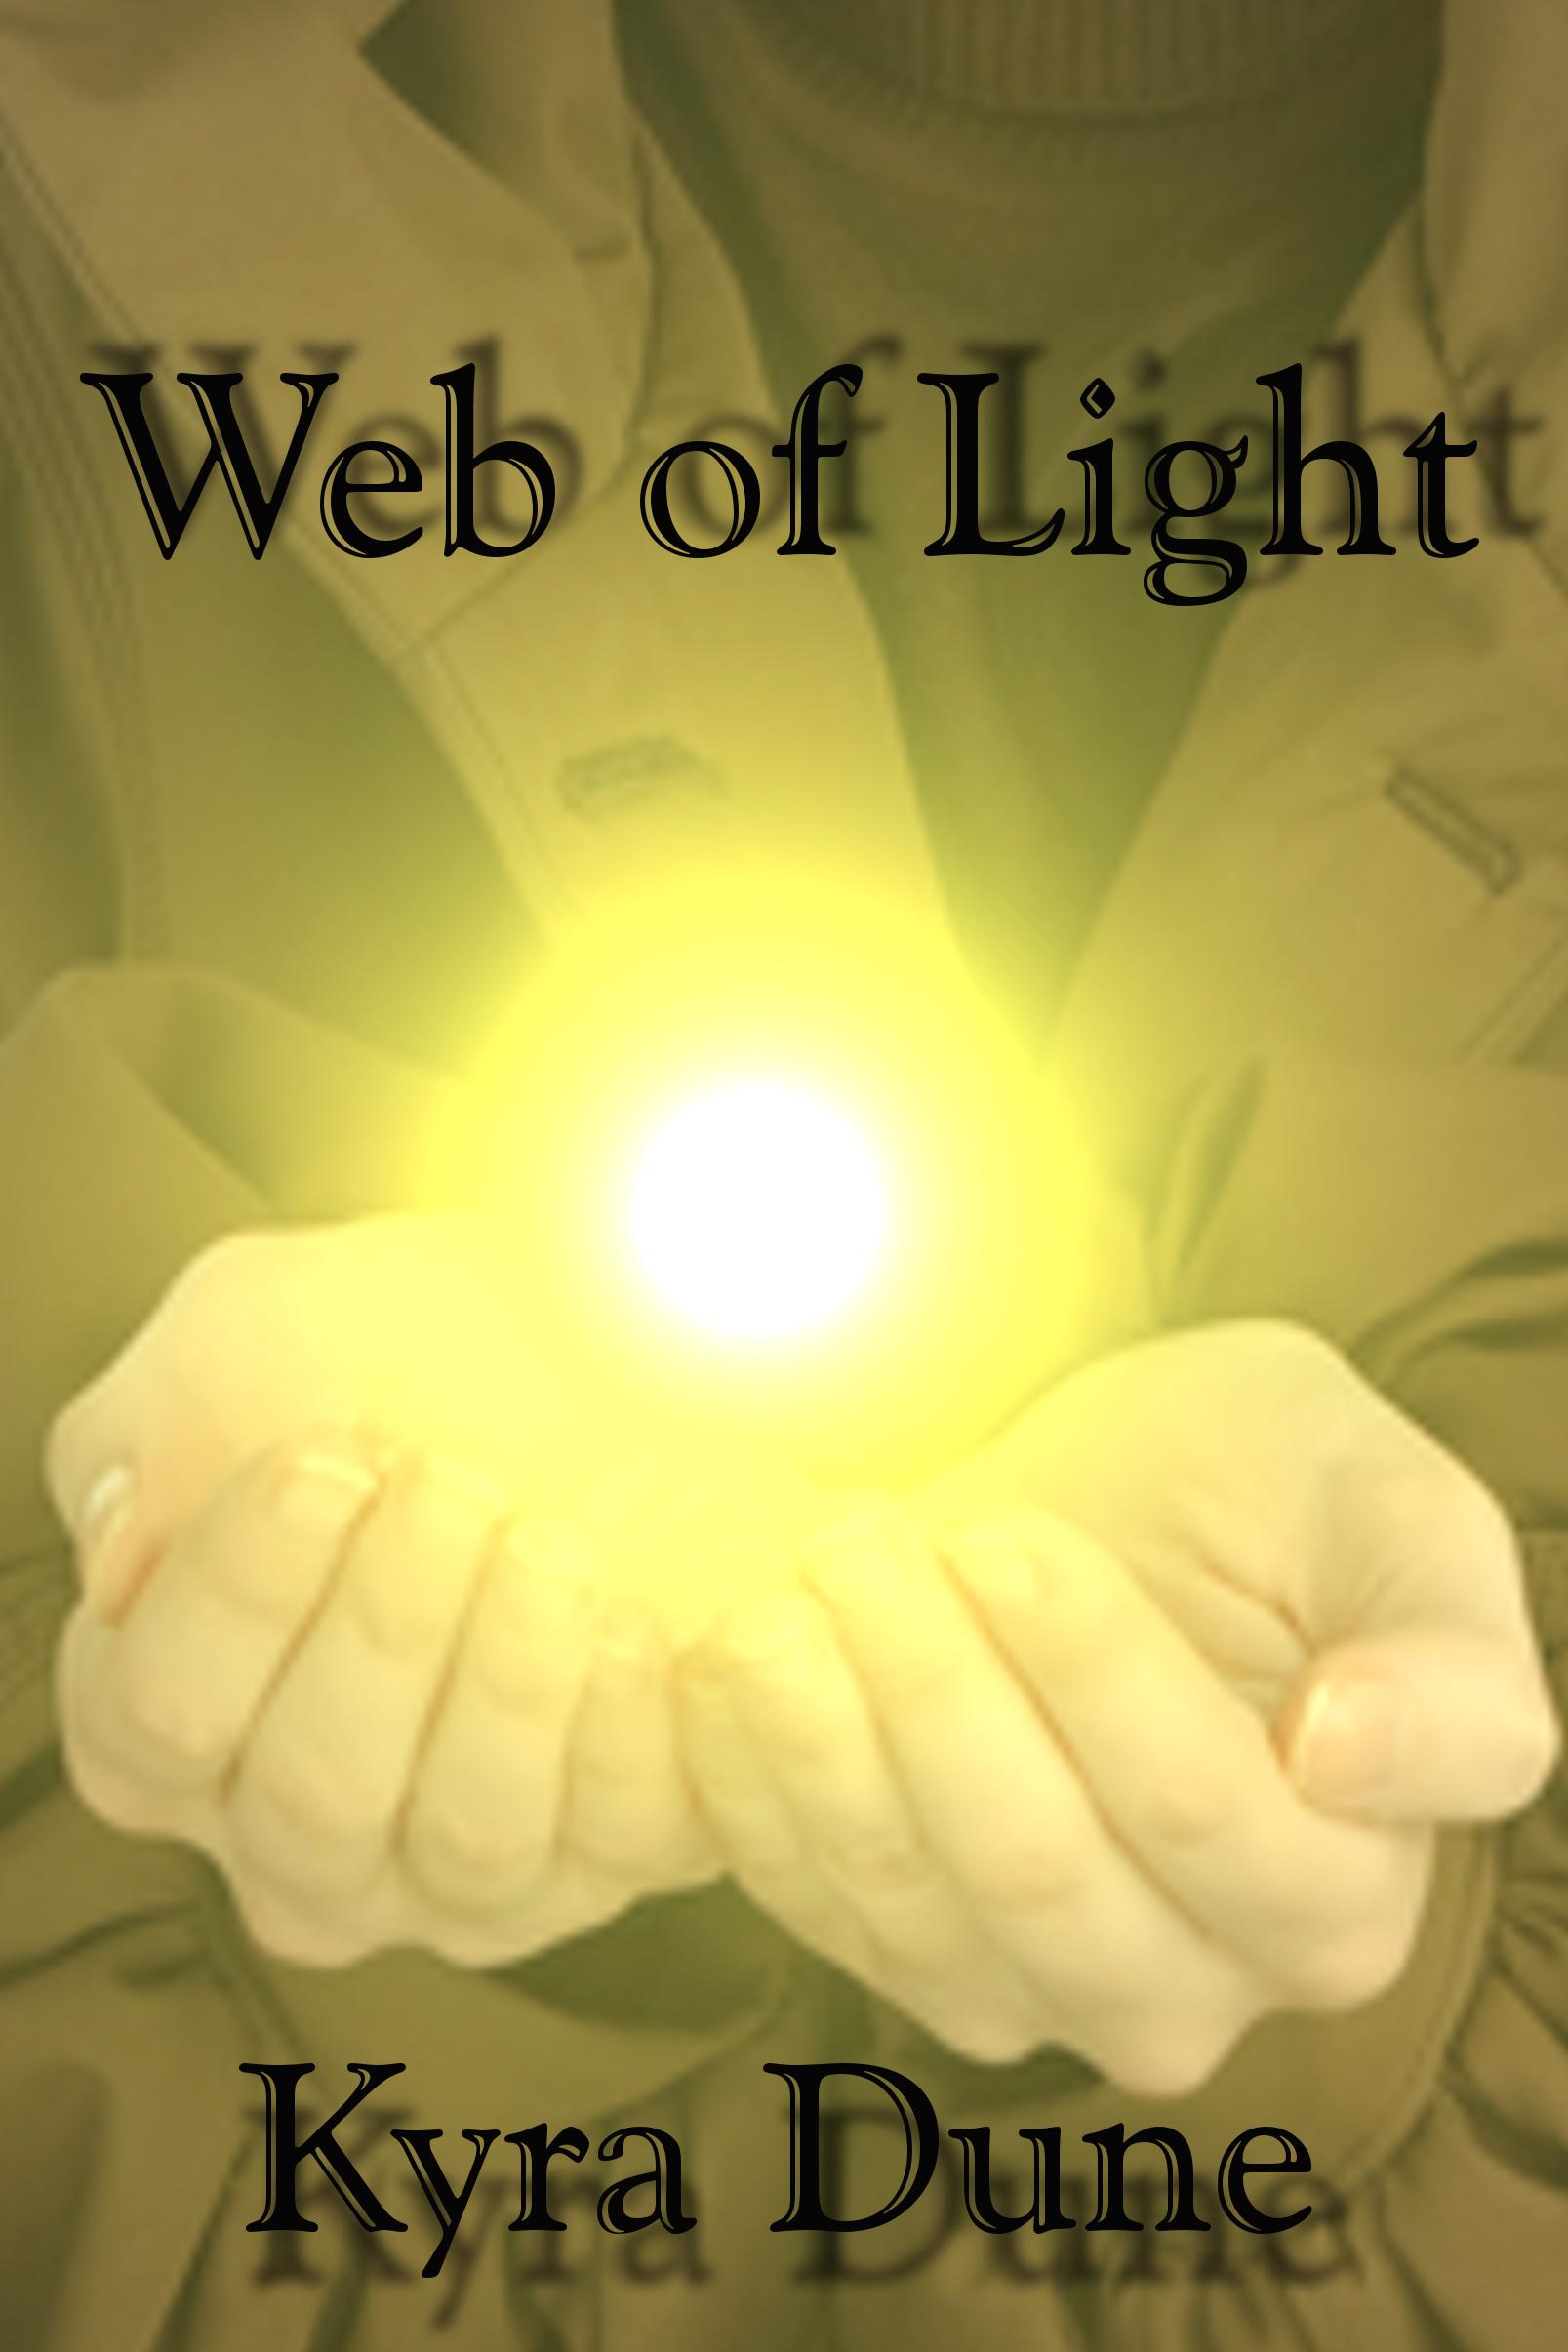 Web of Light by Kyra Dune #ASMSG